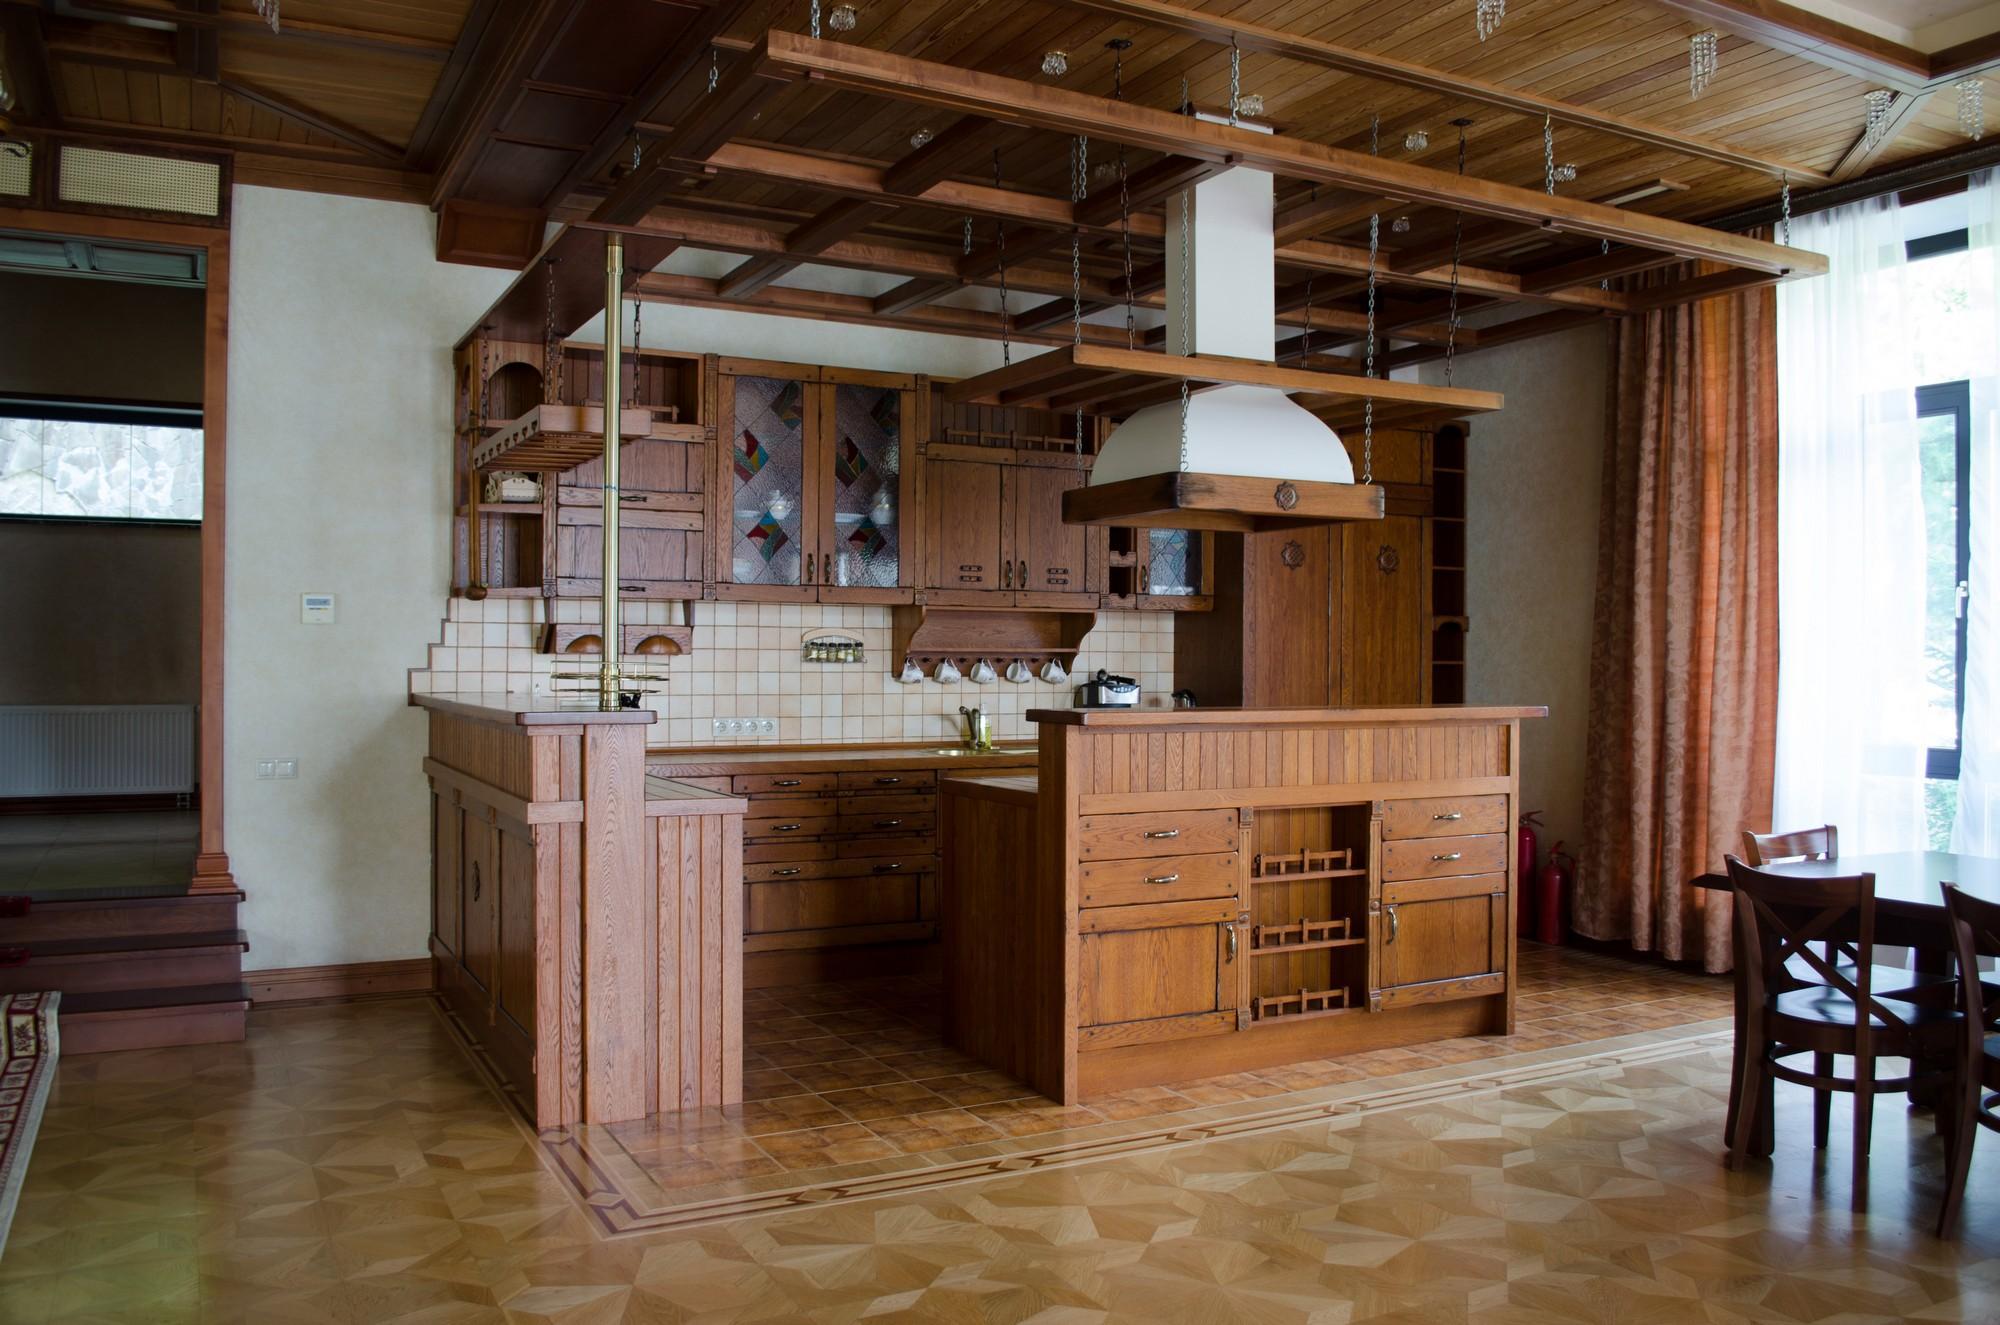 Продажа горной резиденции в Красной поляне - image prodazha-gostinicy-v-krasnoi-polyane-8 on https://bizneskvartal.ru